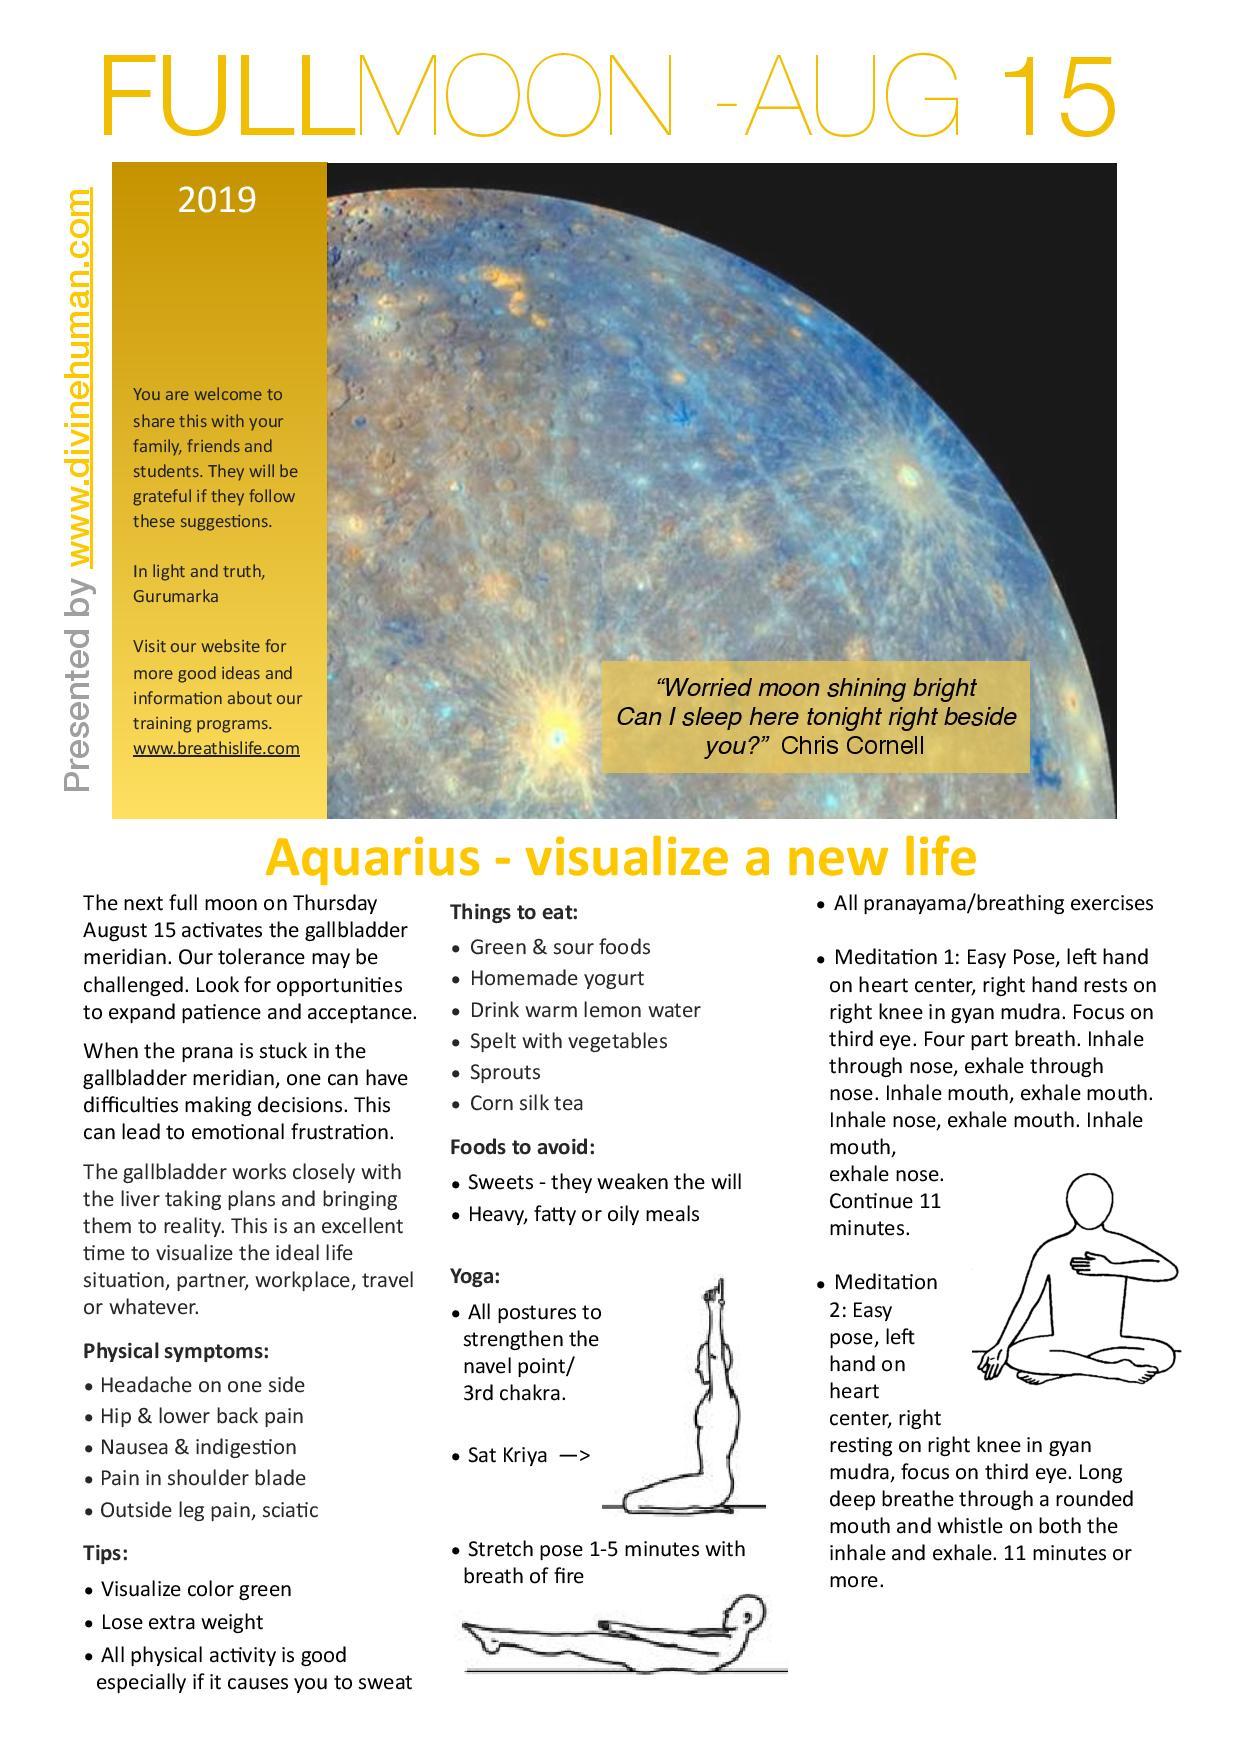 Full Moon Aug 2019 | Aquarius